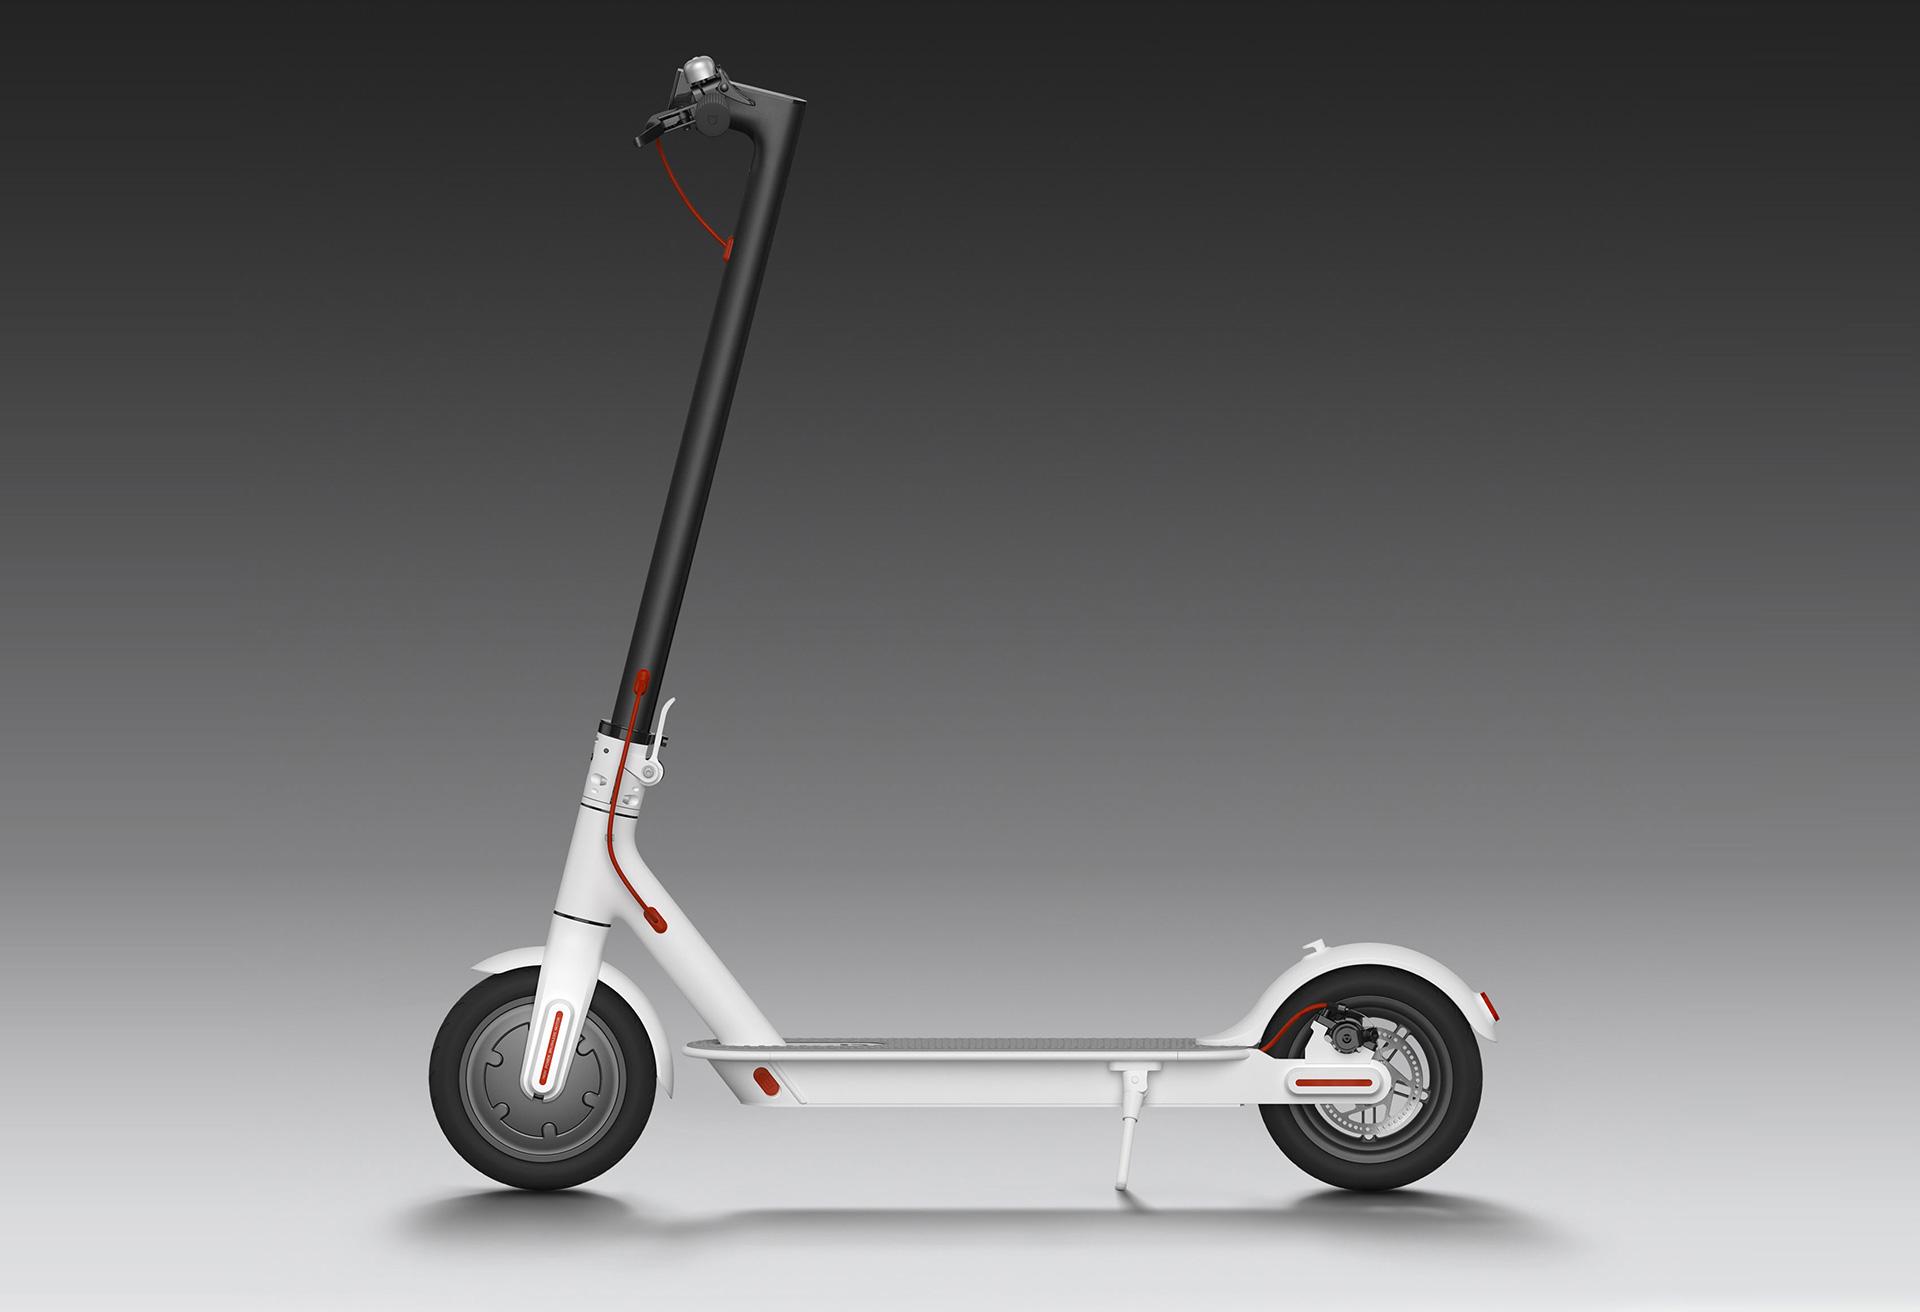 Trottinette Électrique Xiaomi : le moyen de transport écolo